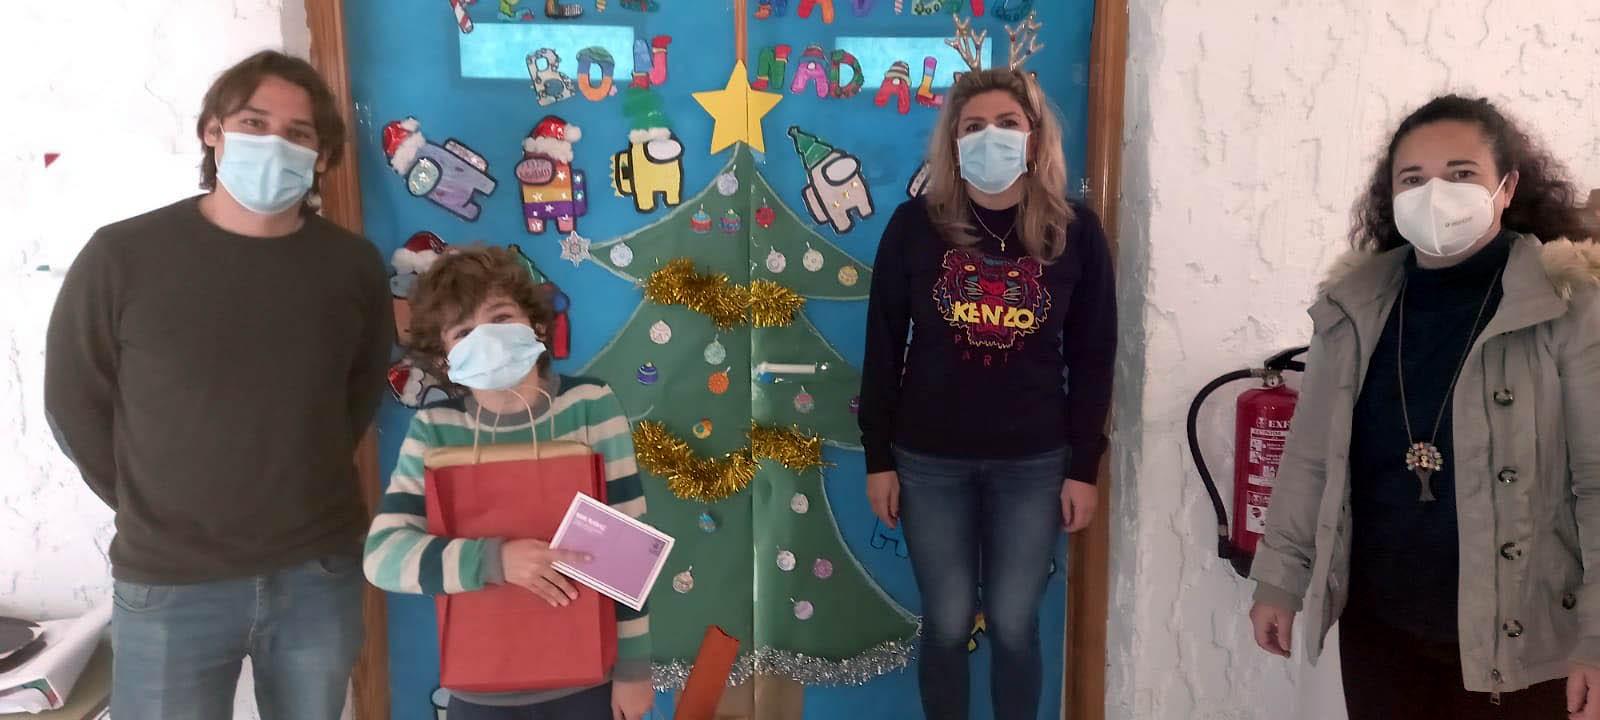 'L'arbre dels xiquets' presideix el Nadal a Altea